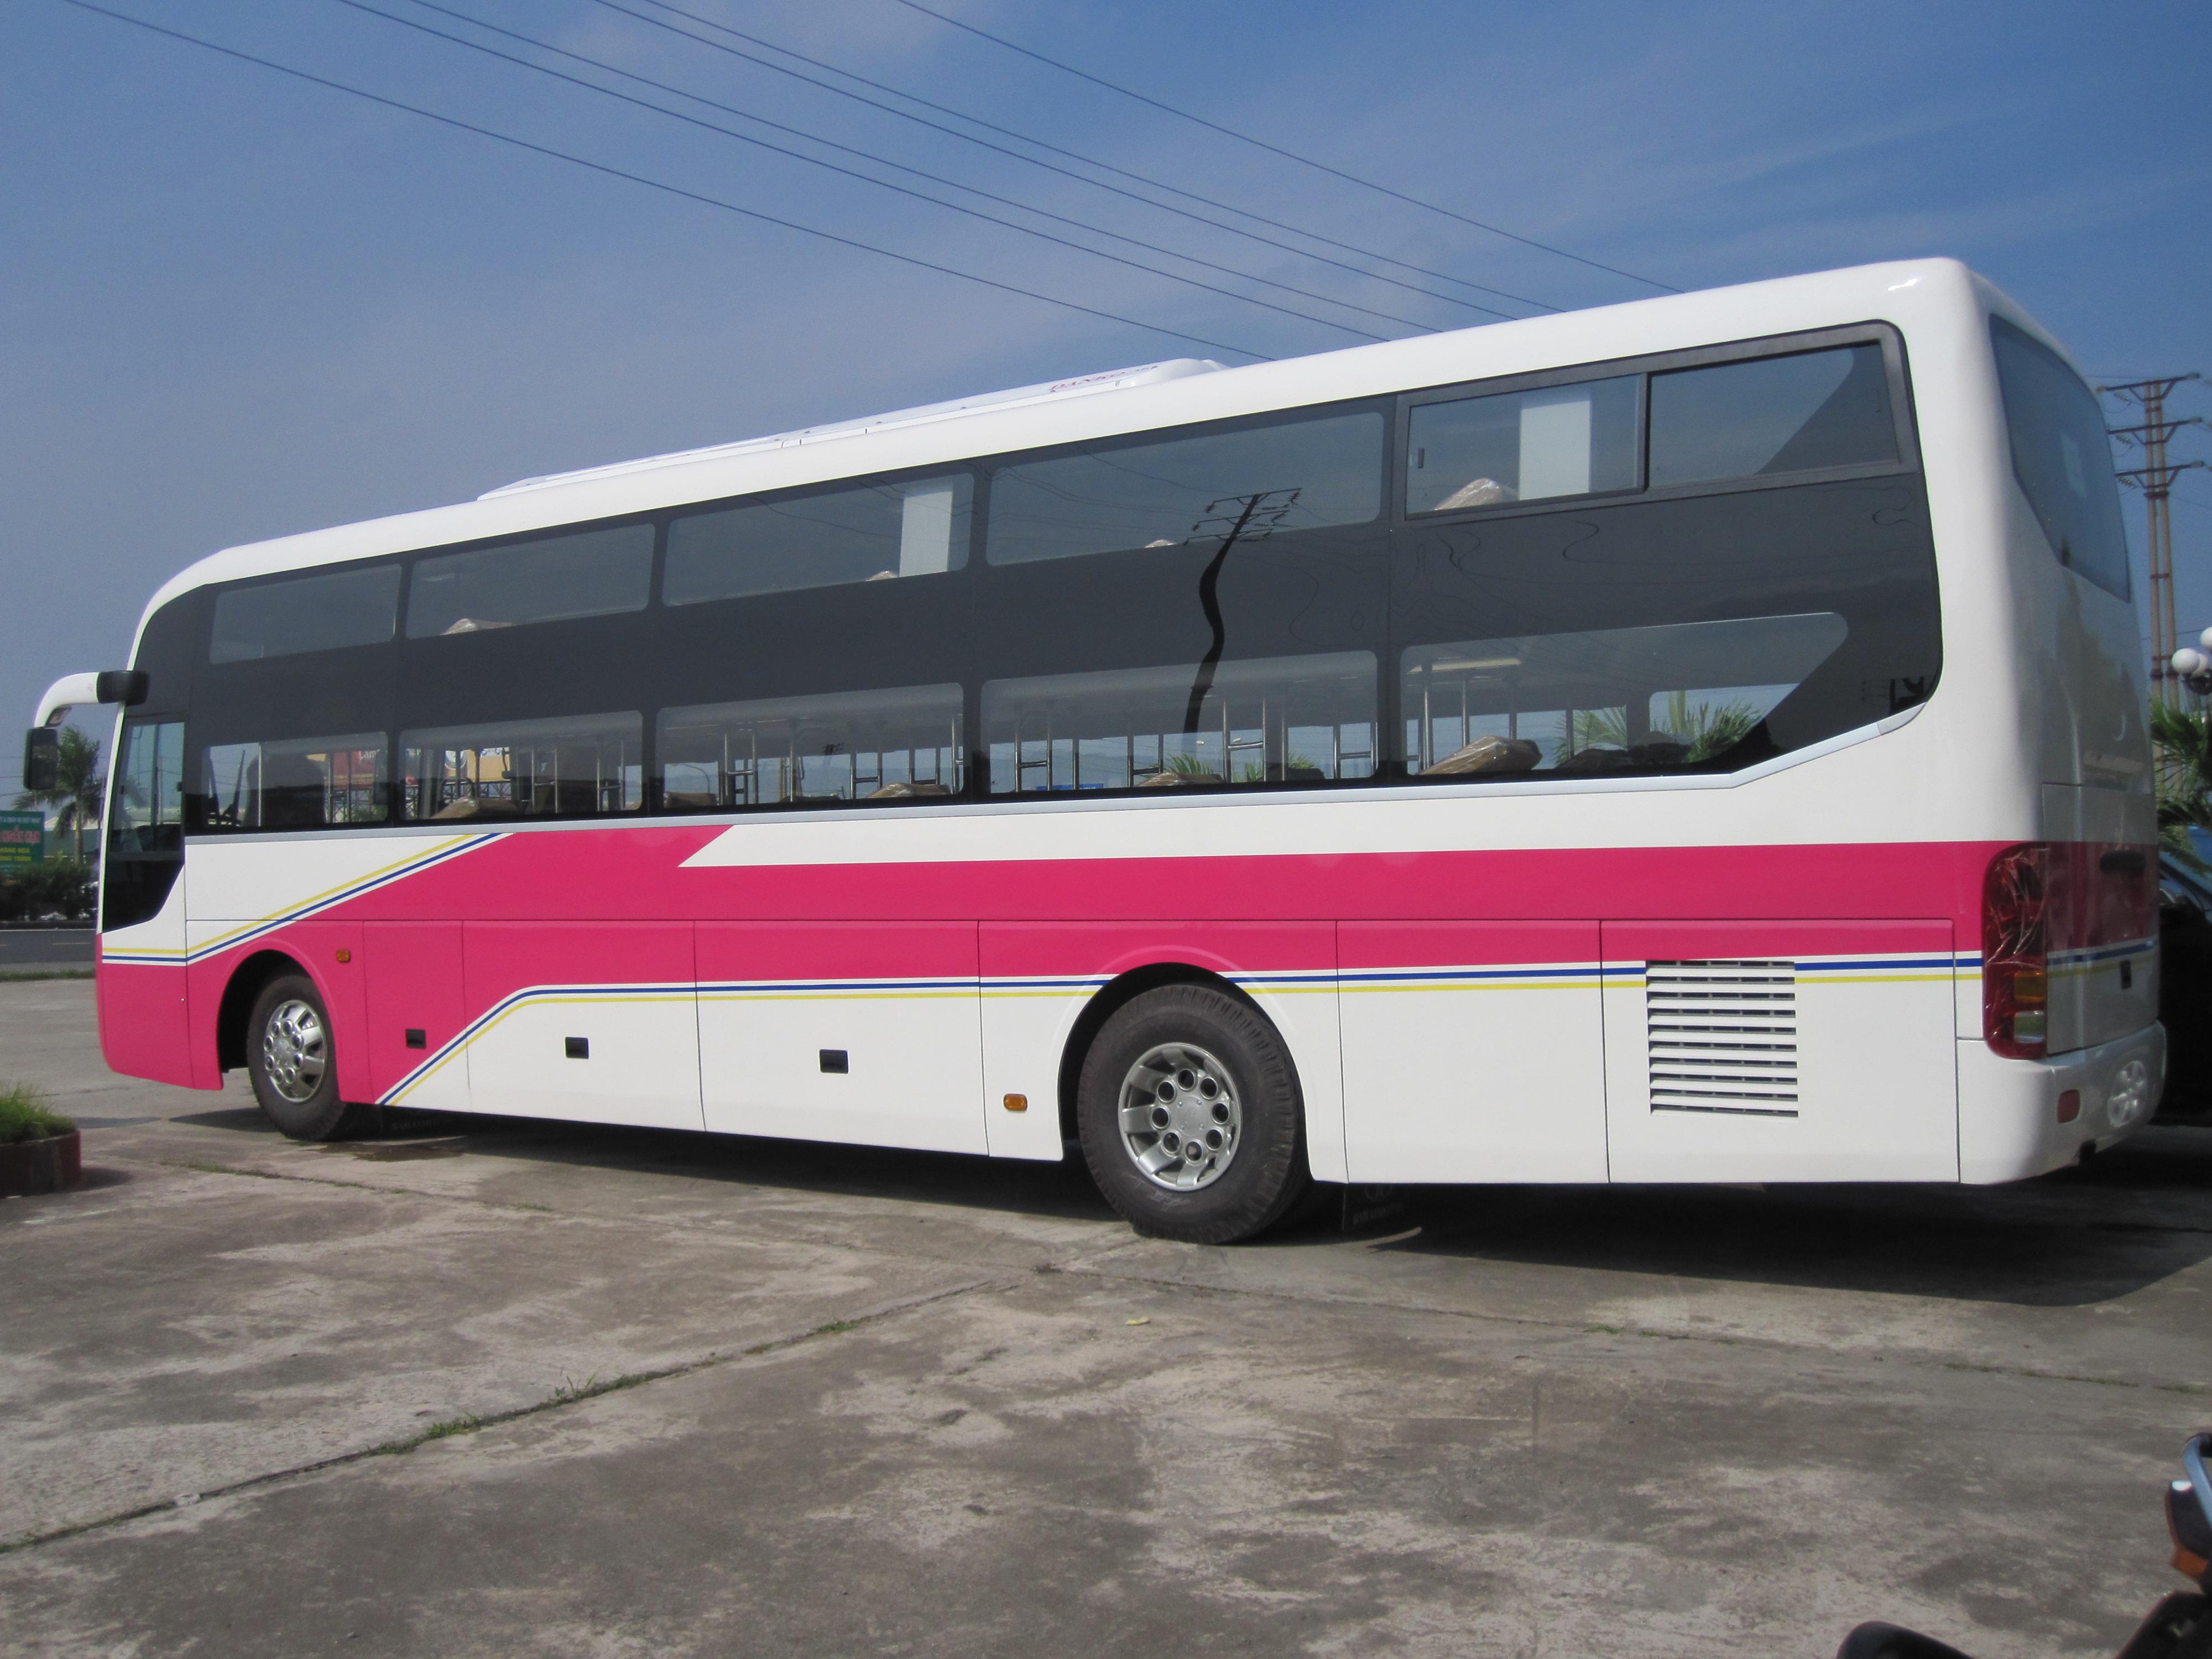 Xe open bus, opne tour chất lượng cao Huế đi Vinh